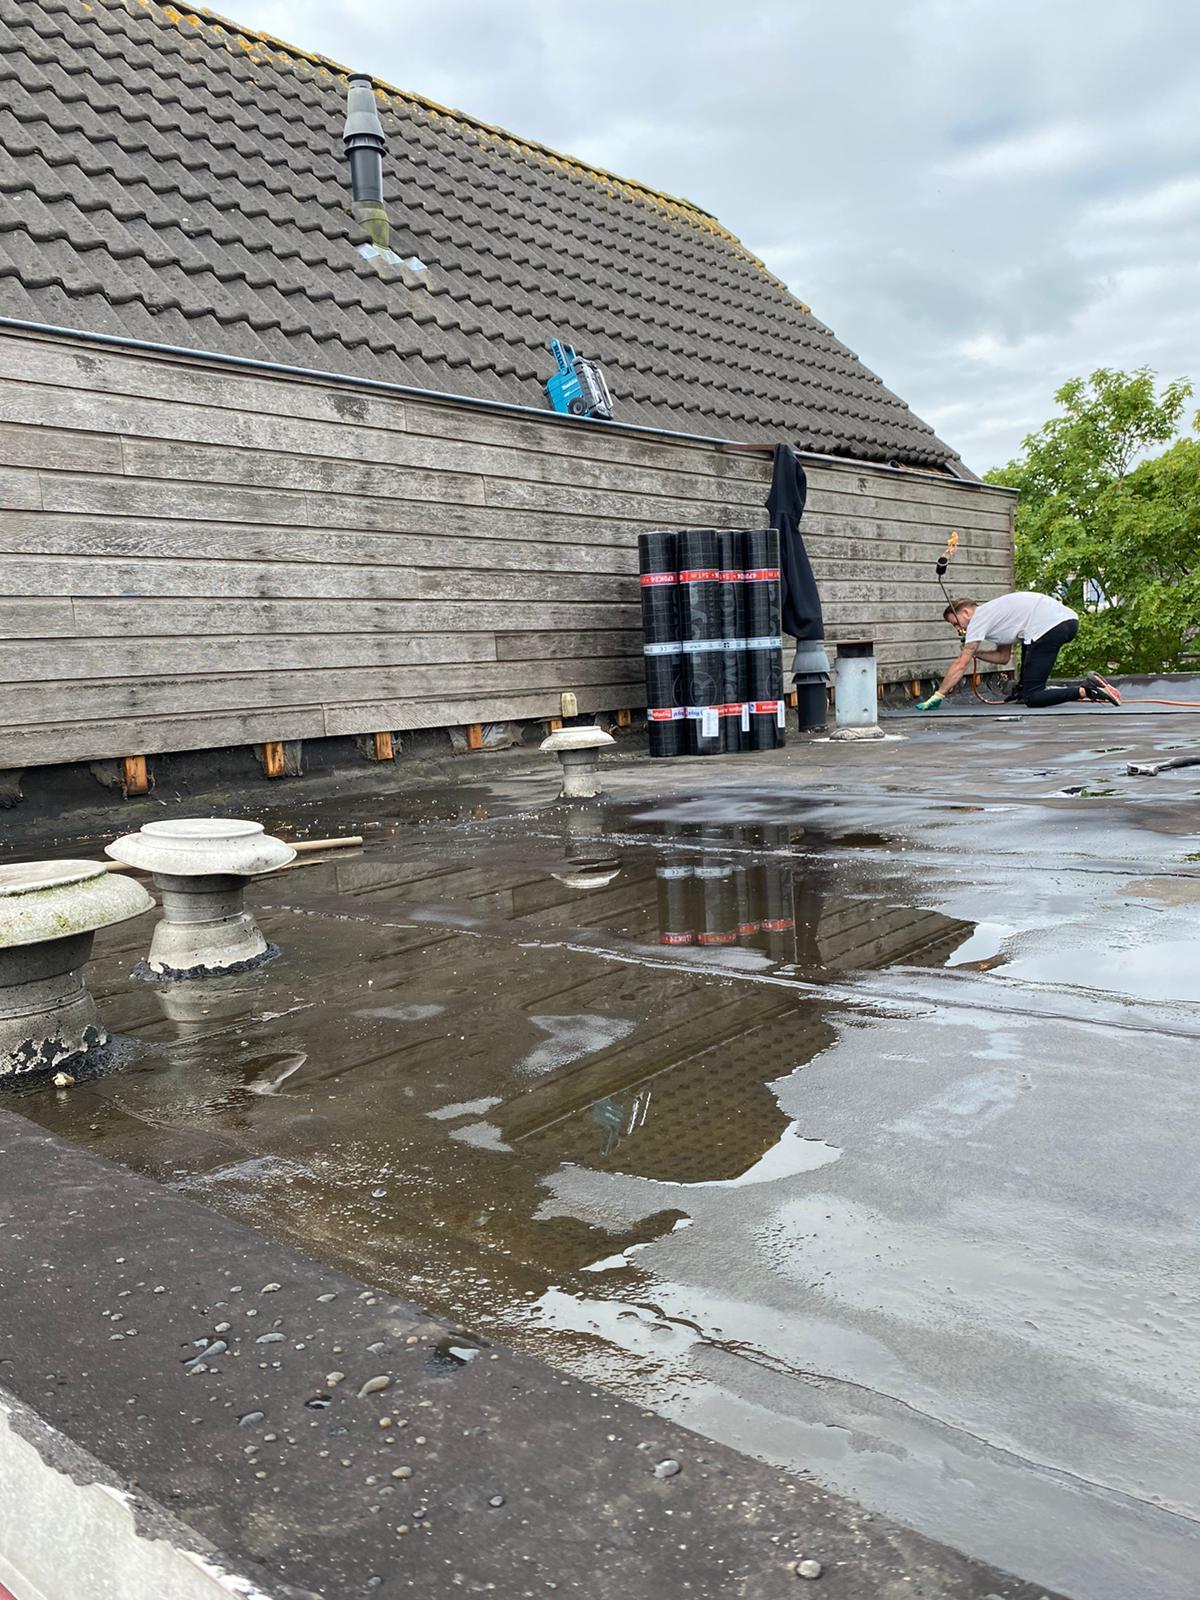 Amsterdam - Lekkage herstel en overlagen dak met bitumen